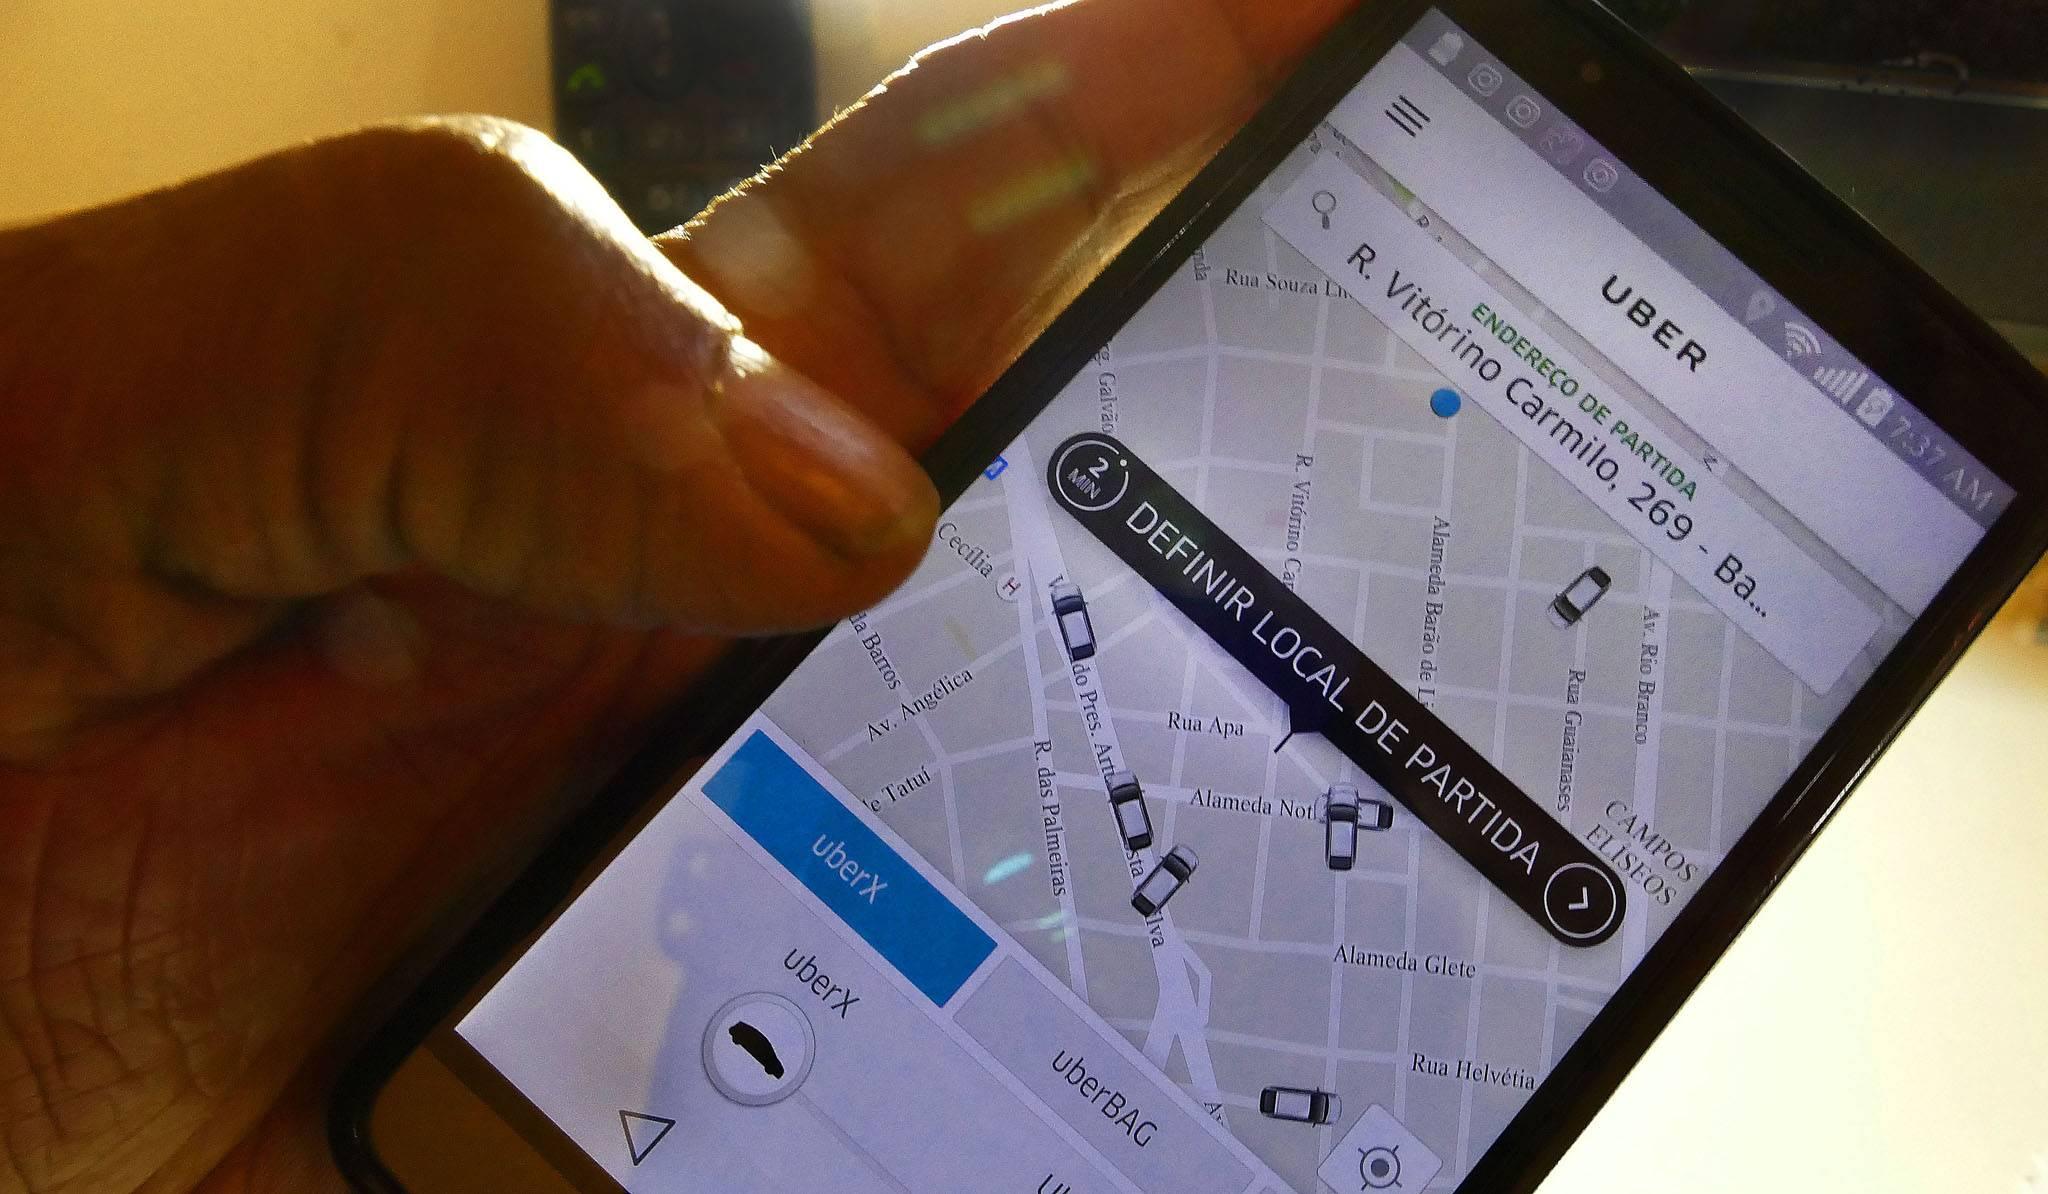 Taxa ao aplicativo Uber entra em discussão em Aparecida de Goiânia   Foto: Filipe Araújo/Fotos Públicas